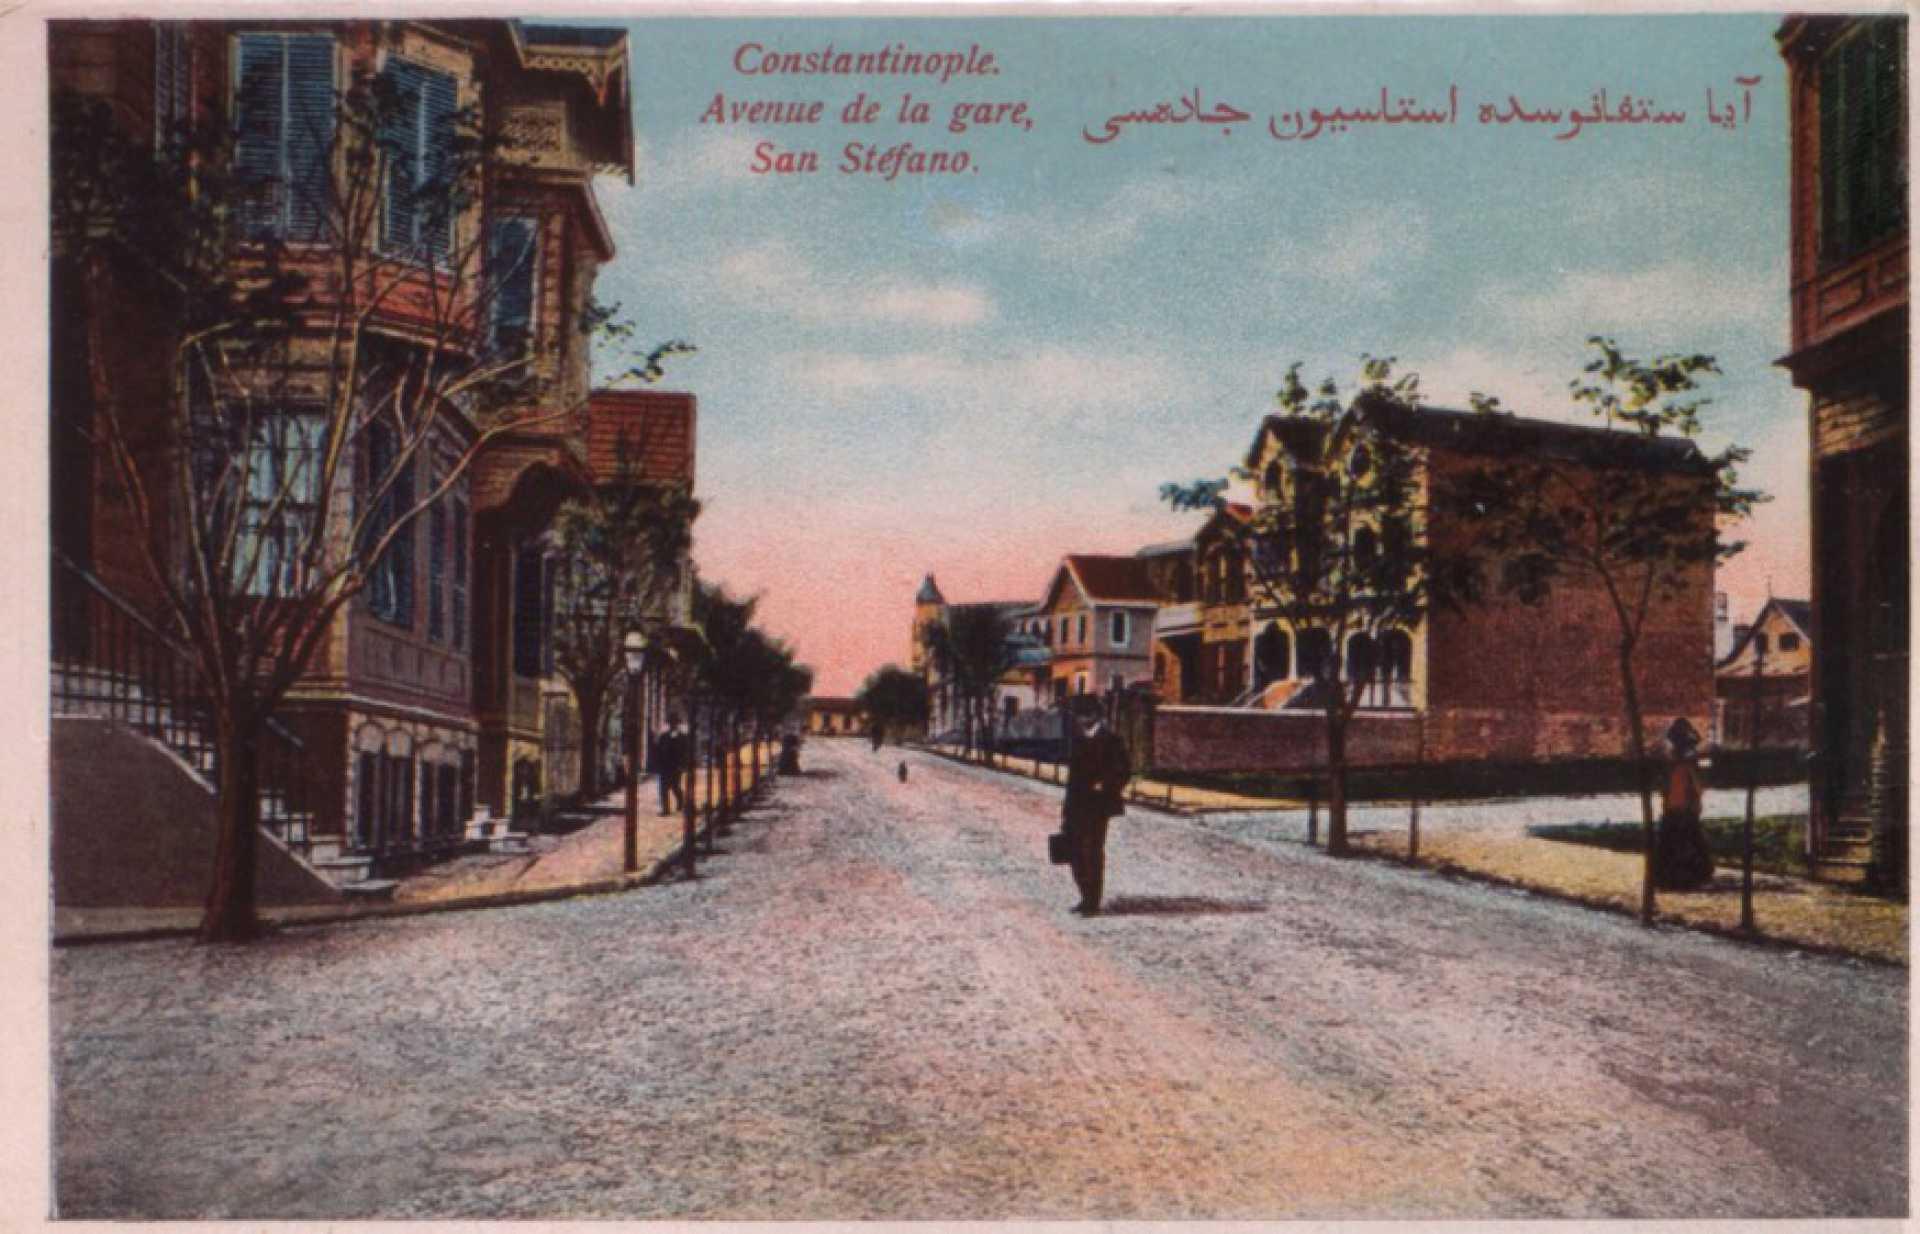 Avenue de la gare. San Stefano